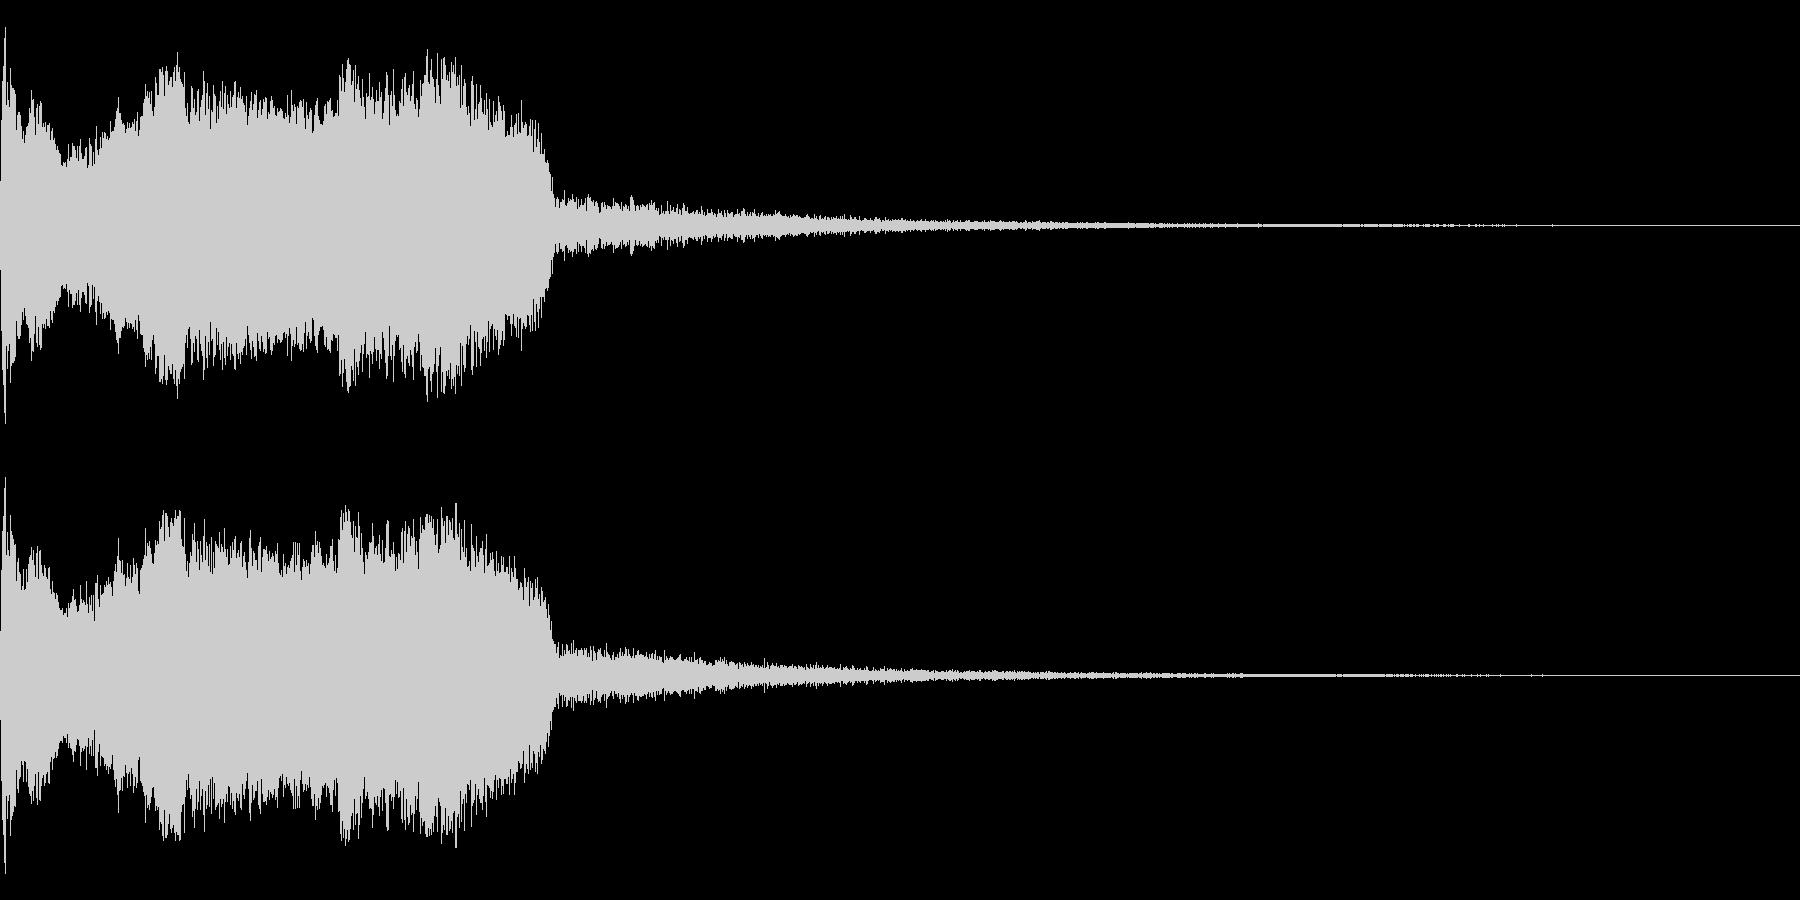 DJFX ヒットチャート発表前SE 19の未再生の波形